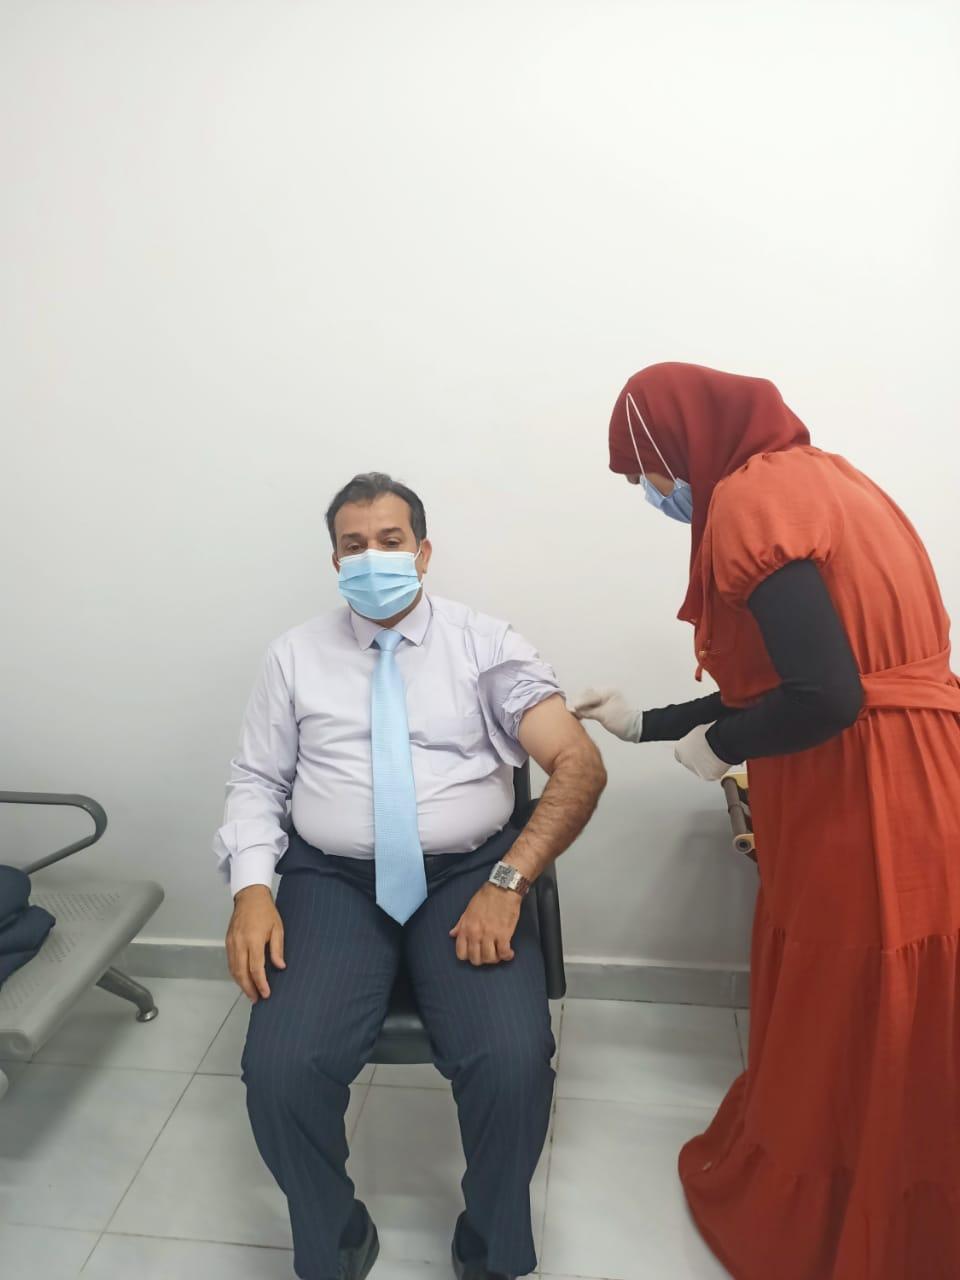 رئيس جامعة جنوب الوادى يعلن انطلاق المرحلة الثانية لحملة التطعيم بلقاح فيروس كورونا بالجامعة